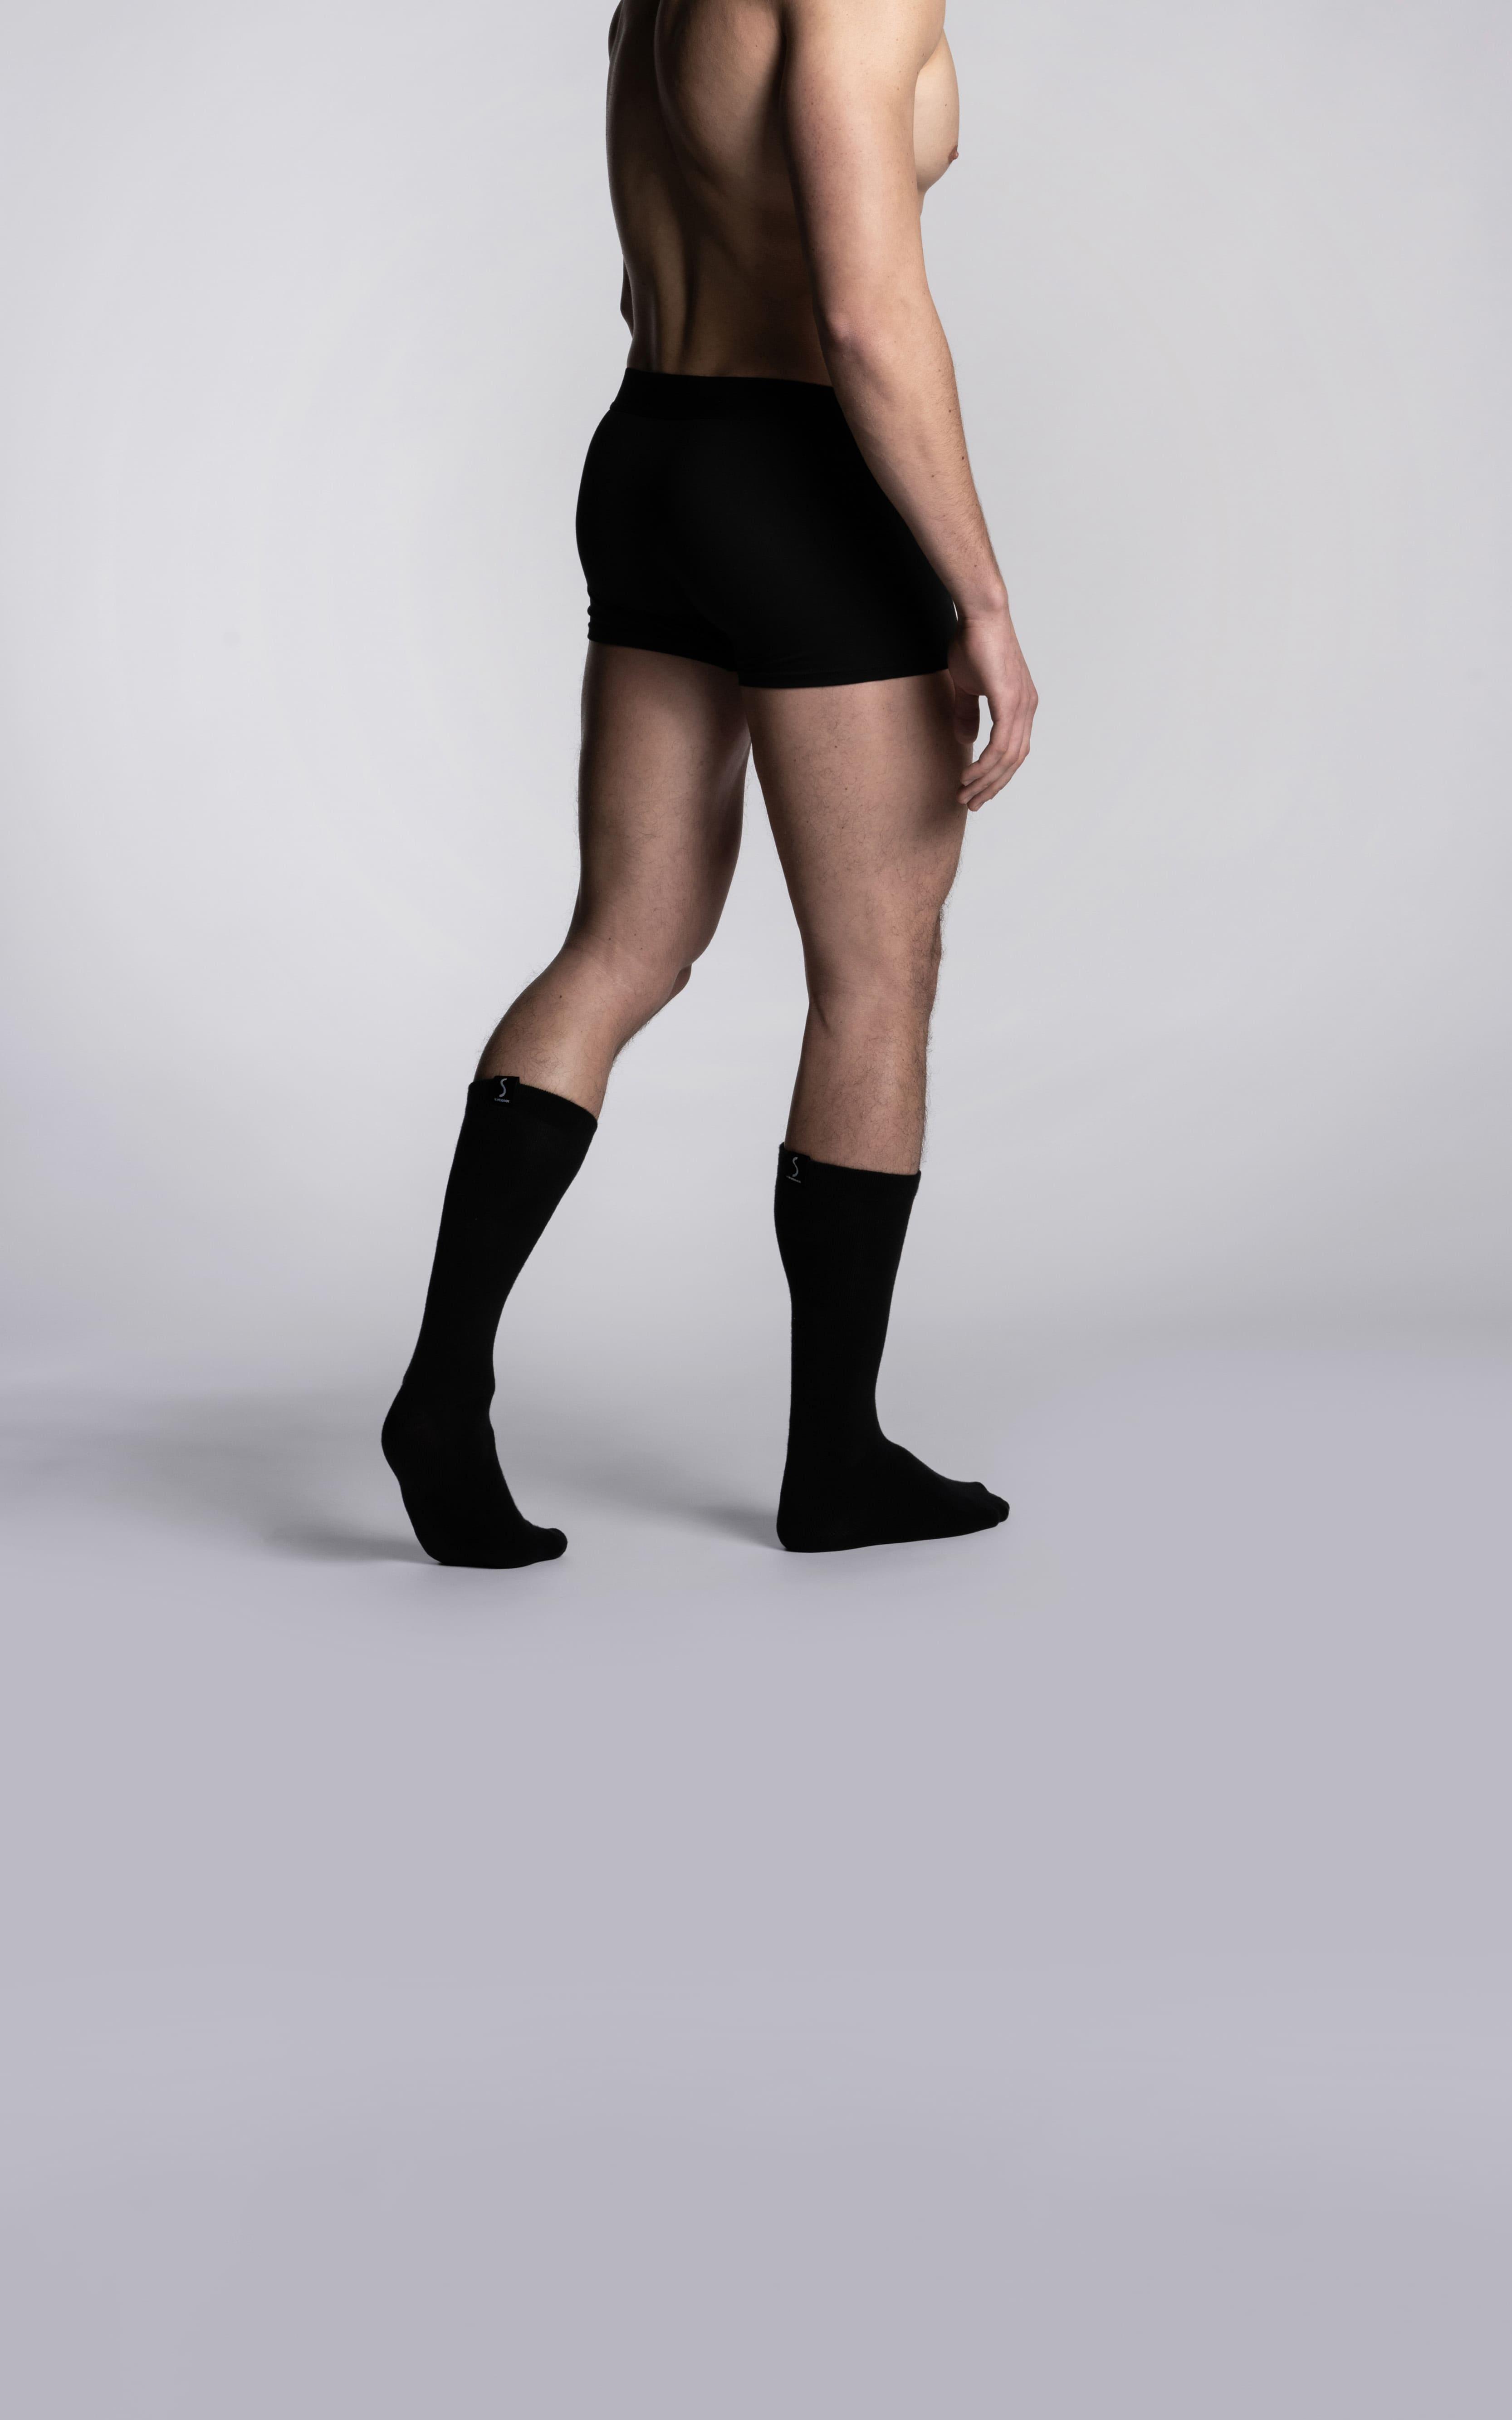 Homme portant un boxer sportif noir et des chaussettes mi-mollet noirs de la marque S BORDEAUX